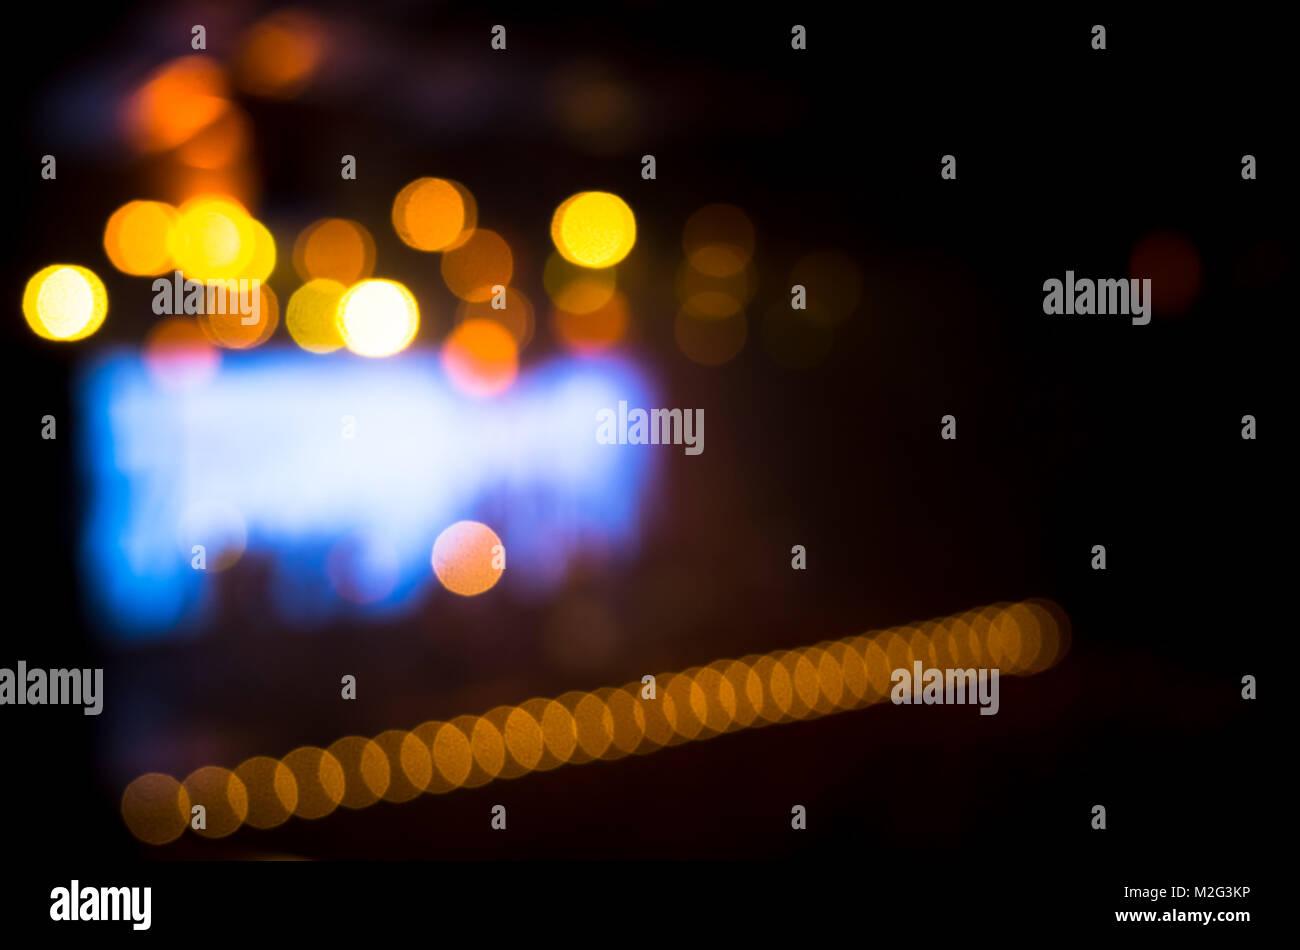 Foto sfocata sullo sfondo musica concert hall con illuminazione